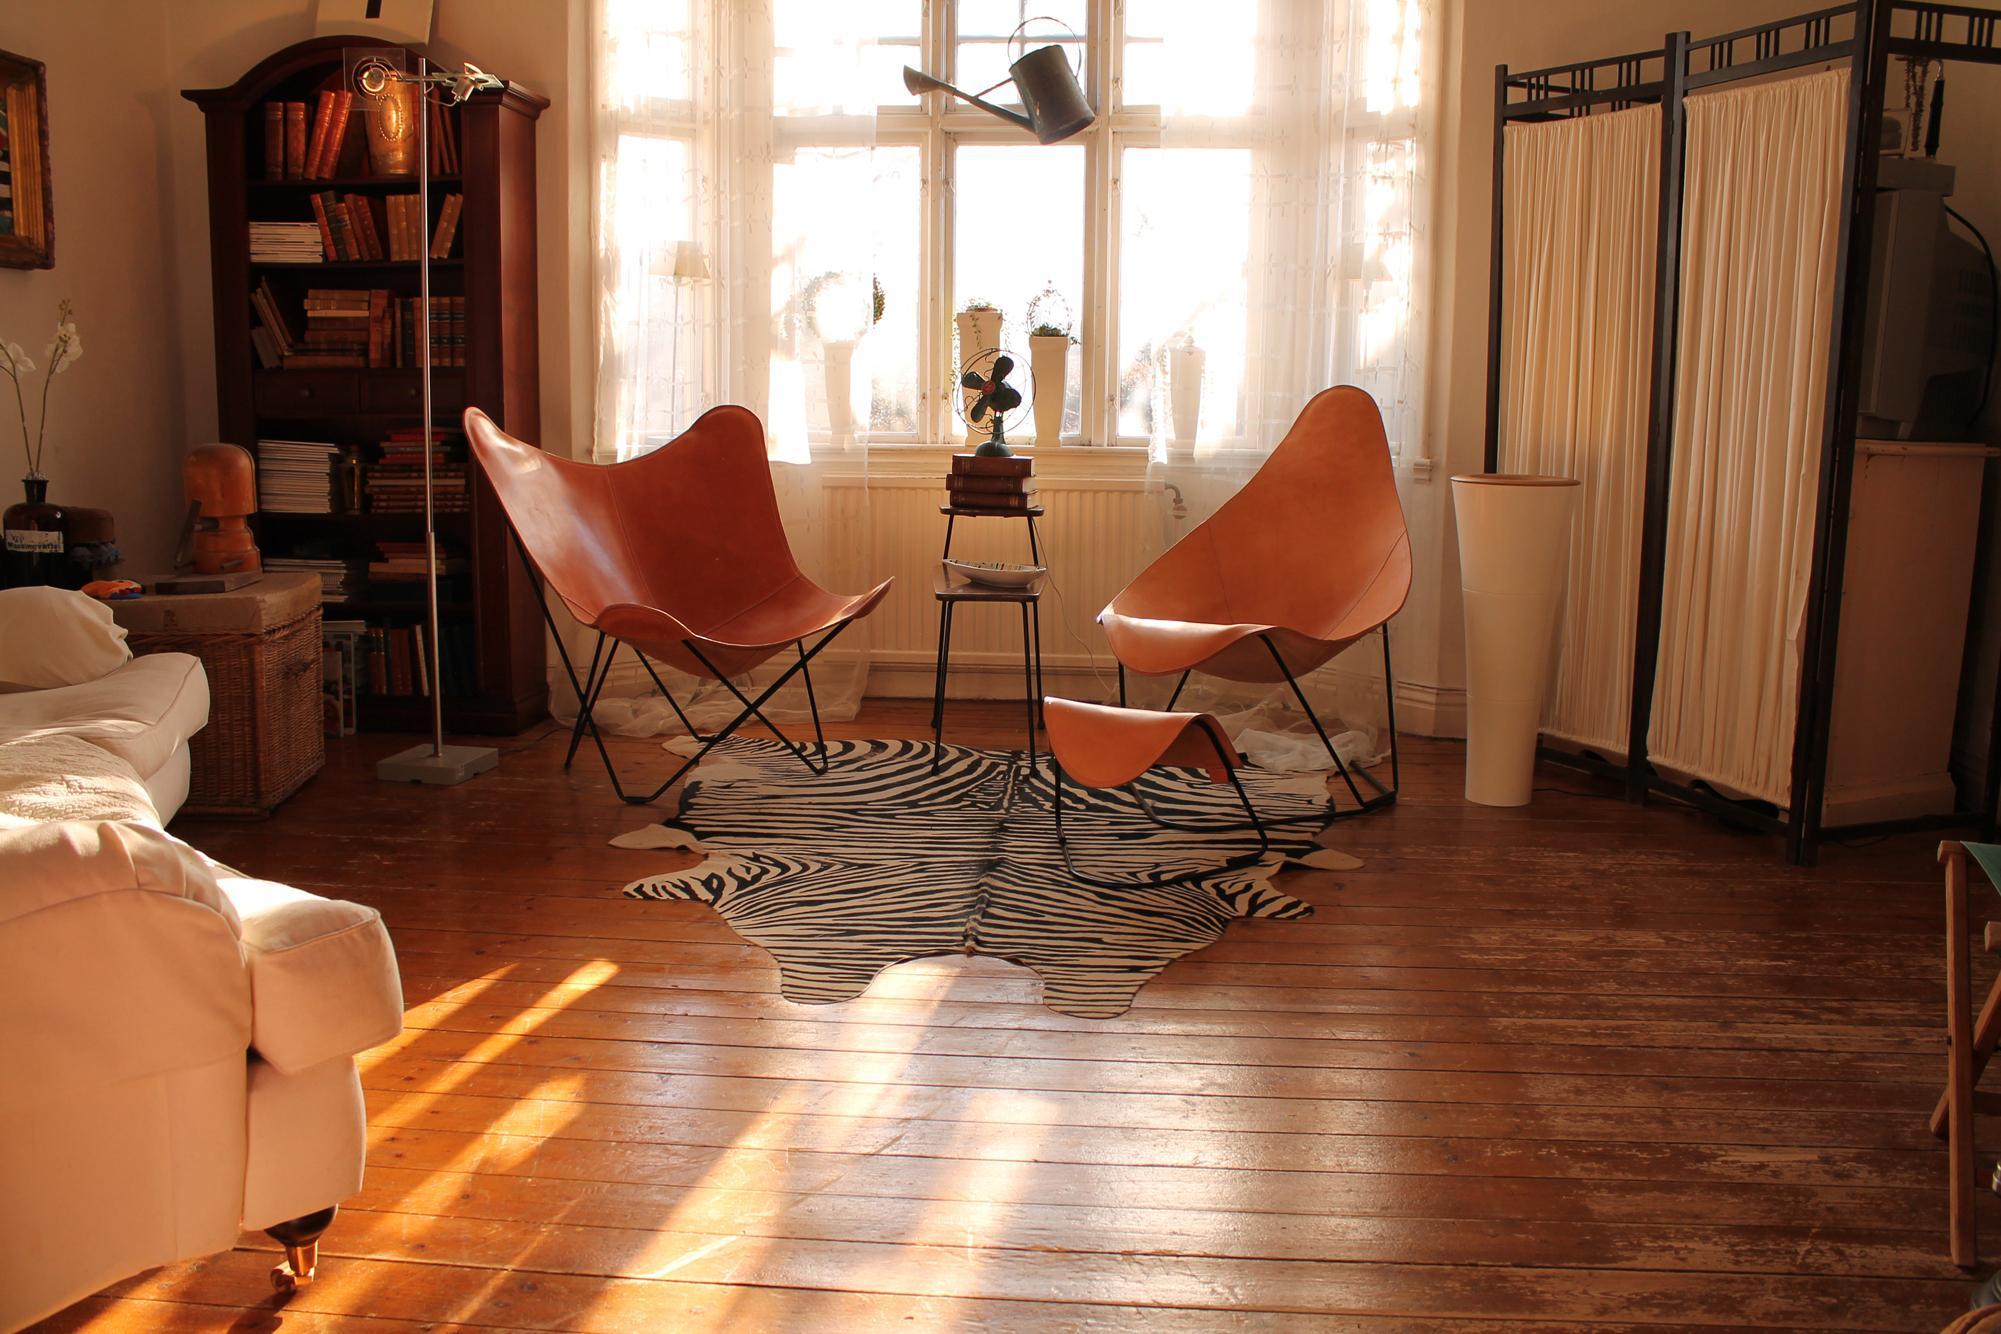 Natürliche Einrichtung Mit Designer Stühlen Aufpeppen #regal ©Cuero